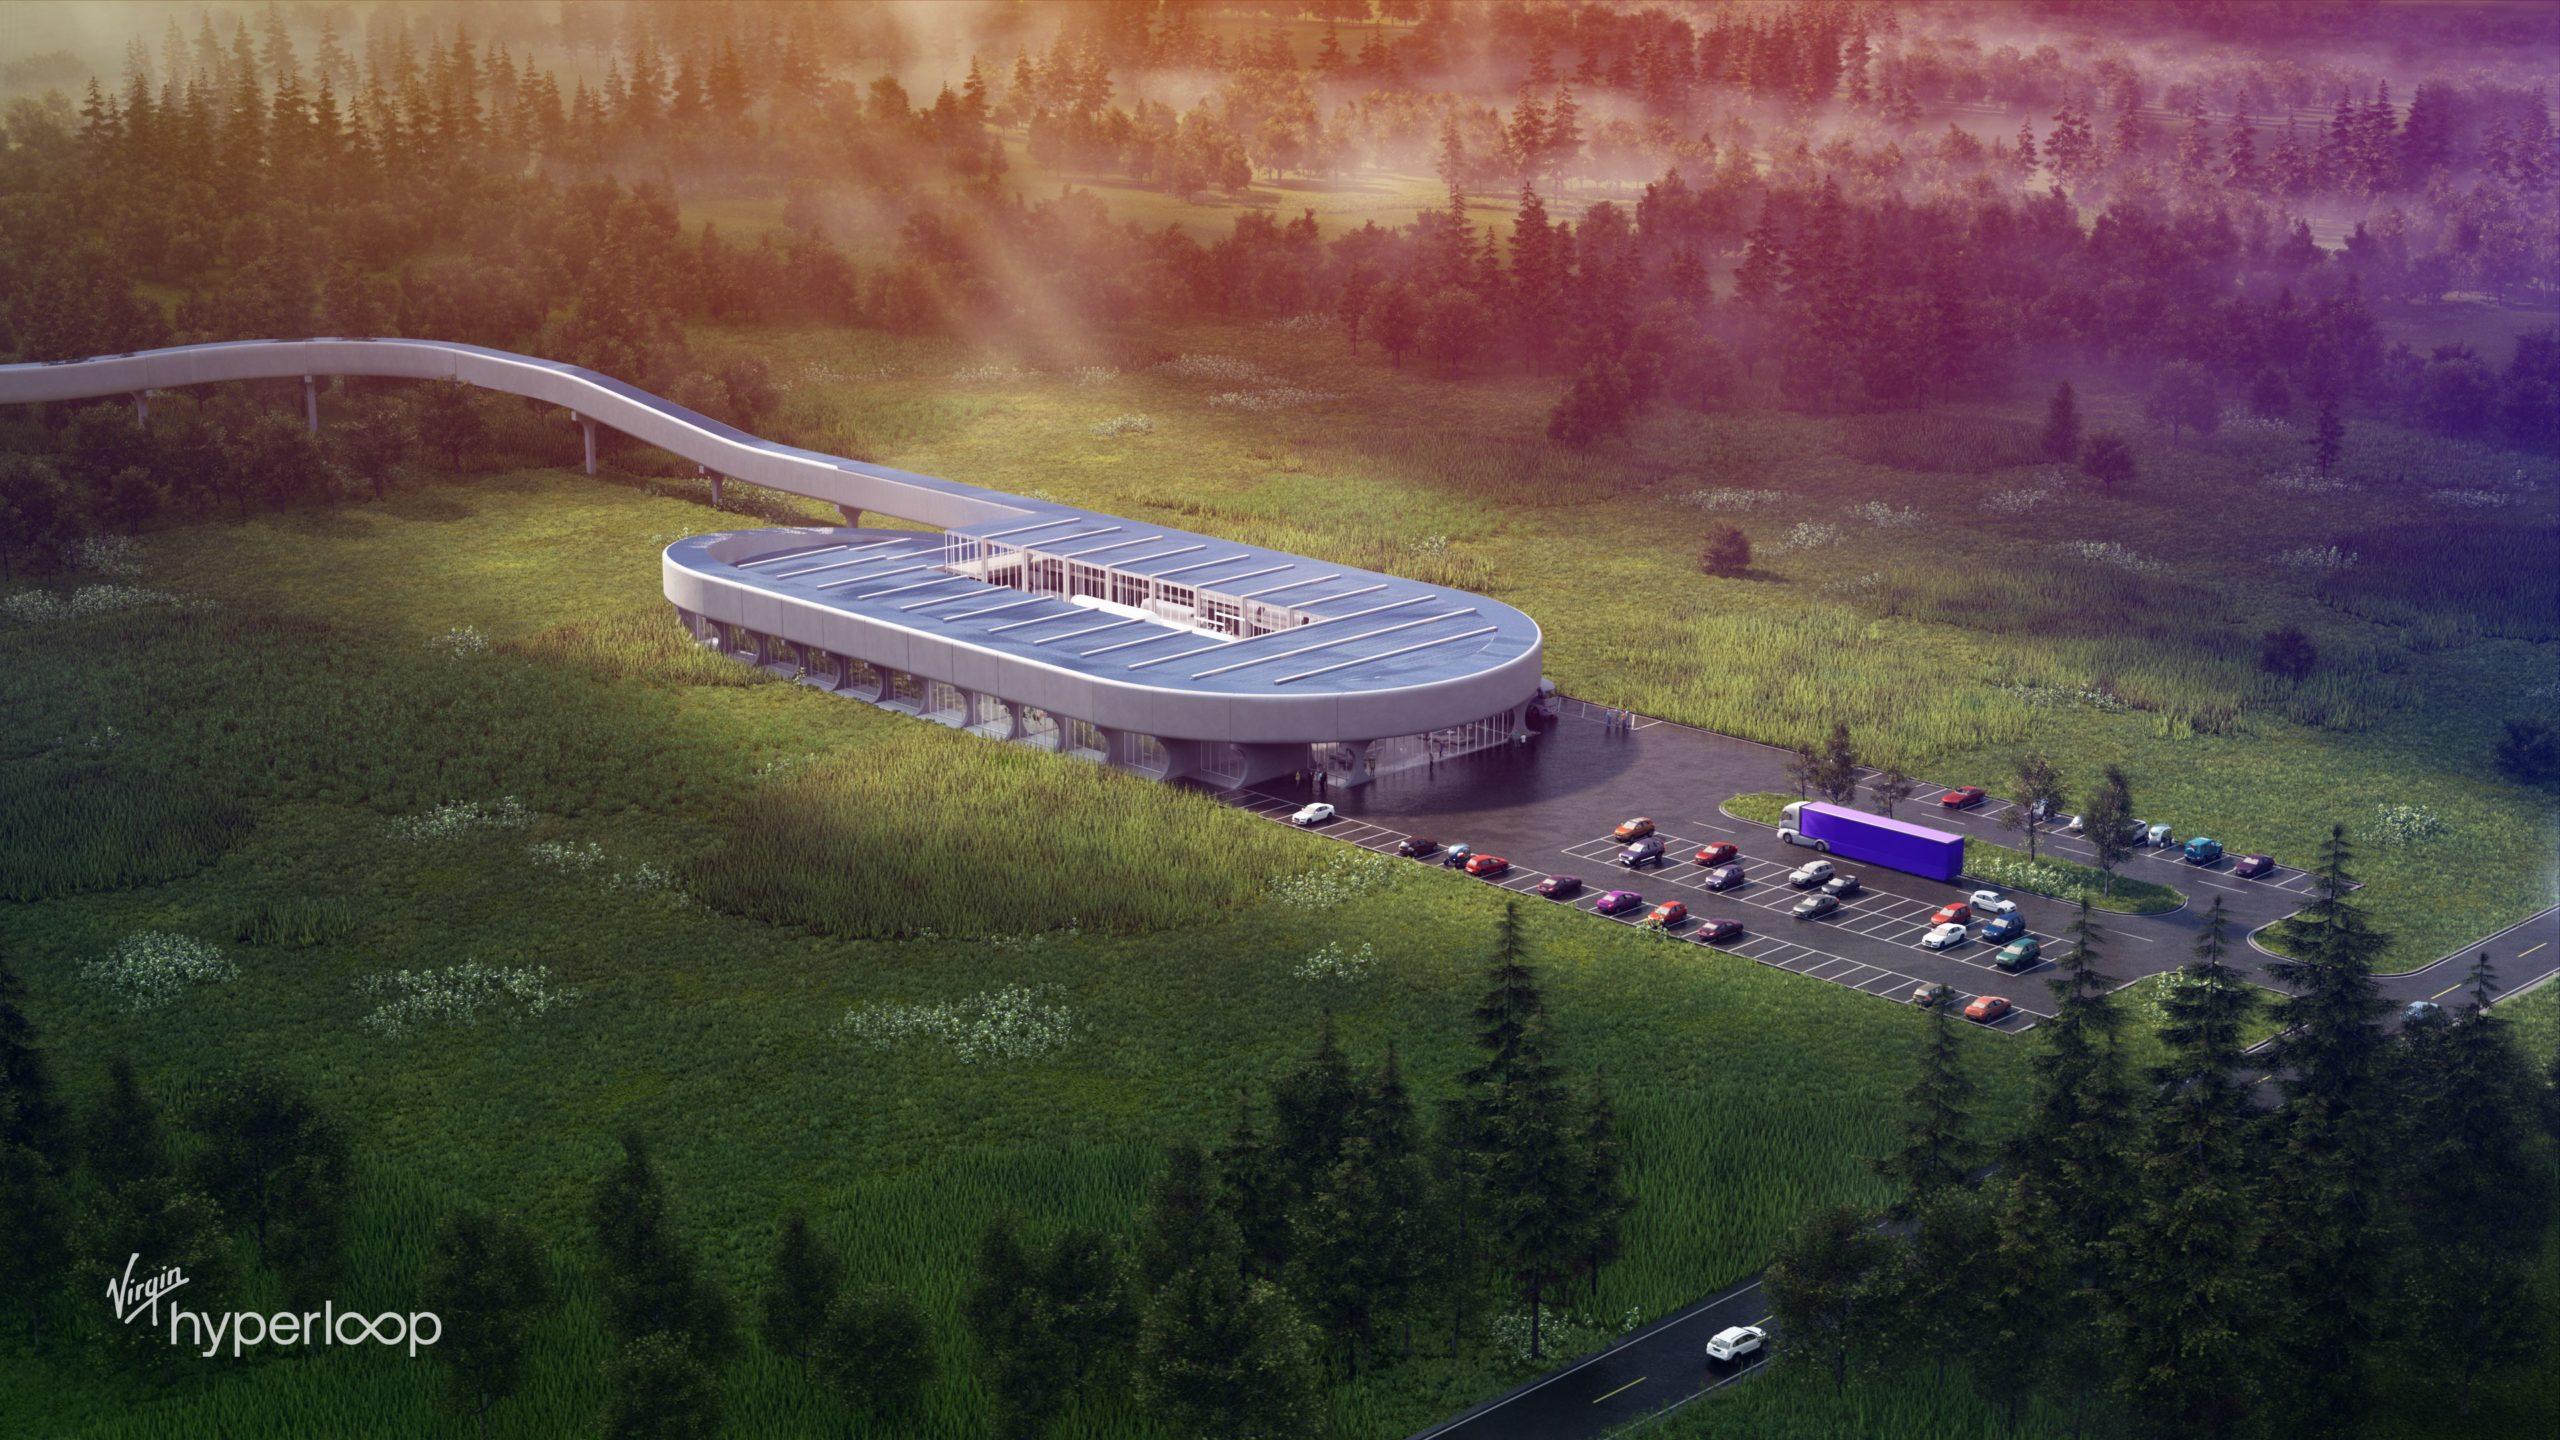 Virgin Hyperloop picks W.Va. for site of certification center